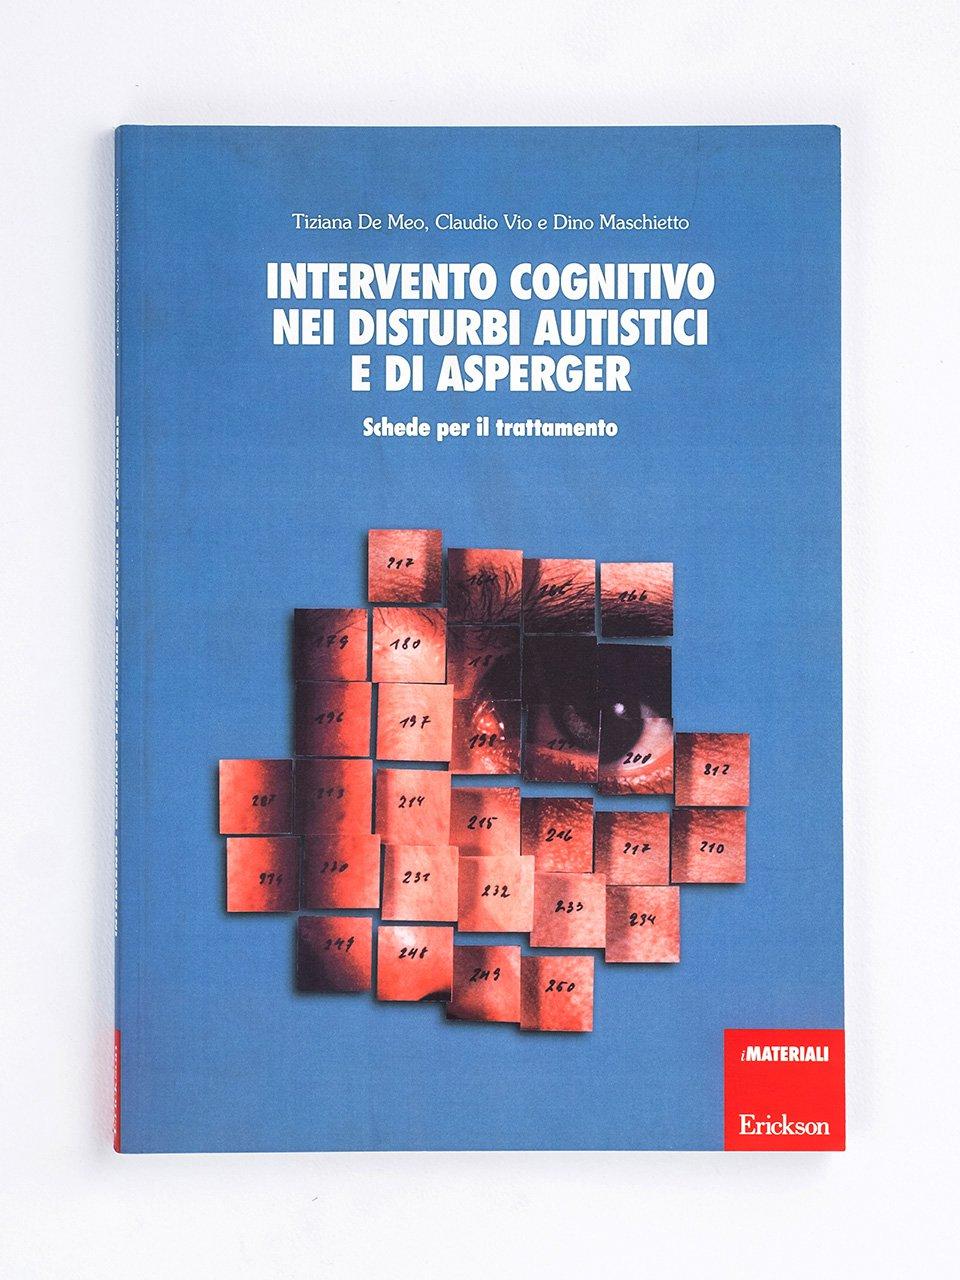 Intervento cognitivo nei disturbi autistici e di Asperger - Superare i test di ammissione - Libri - Erickson